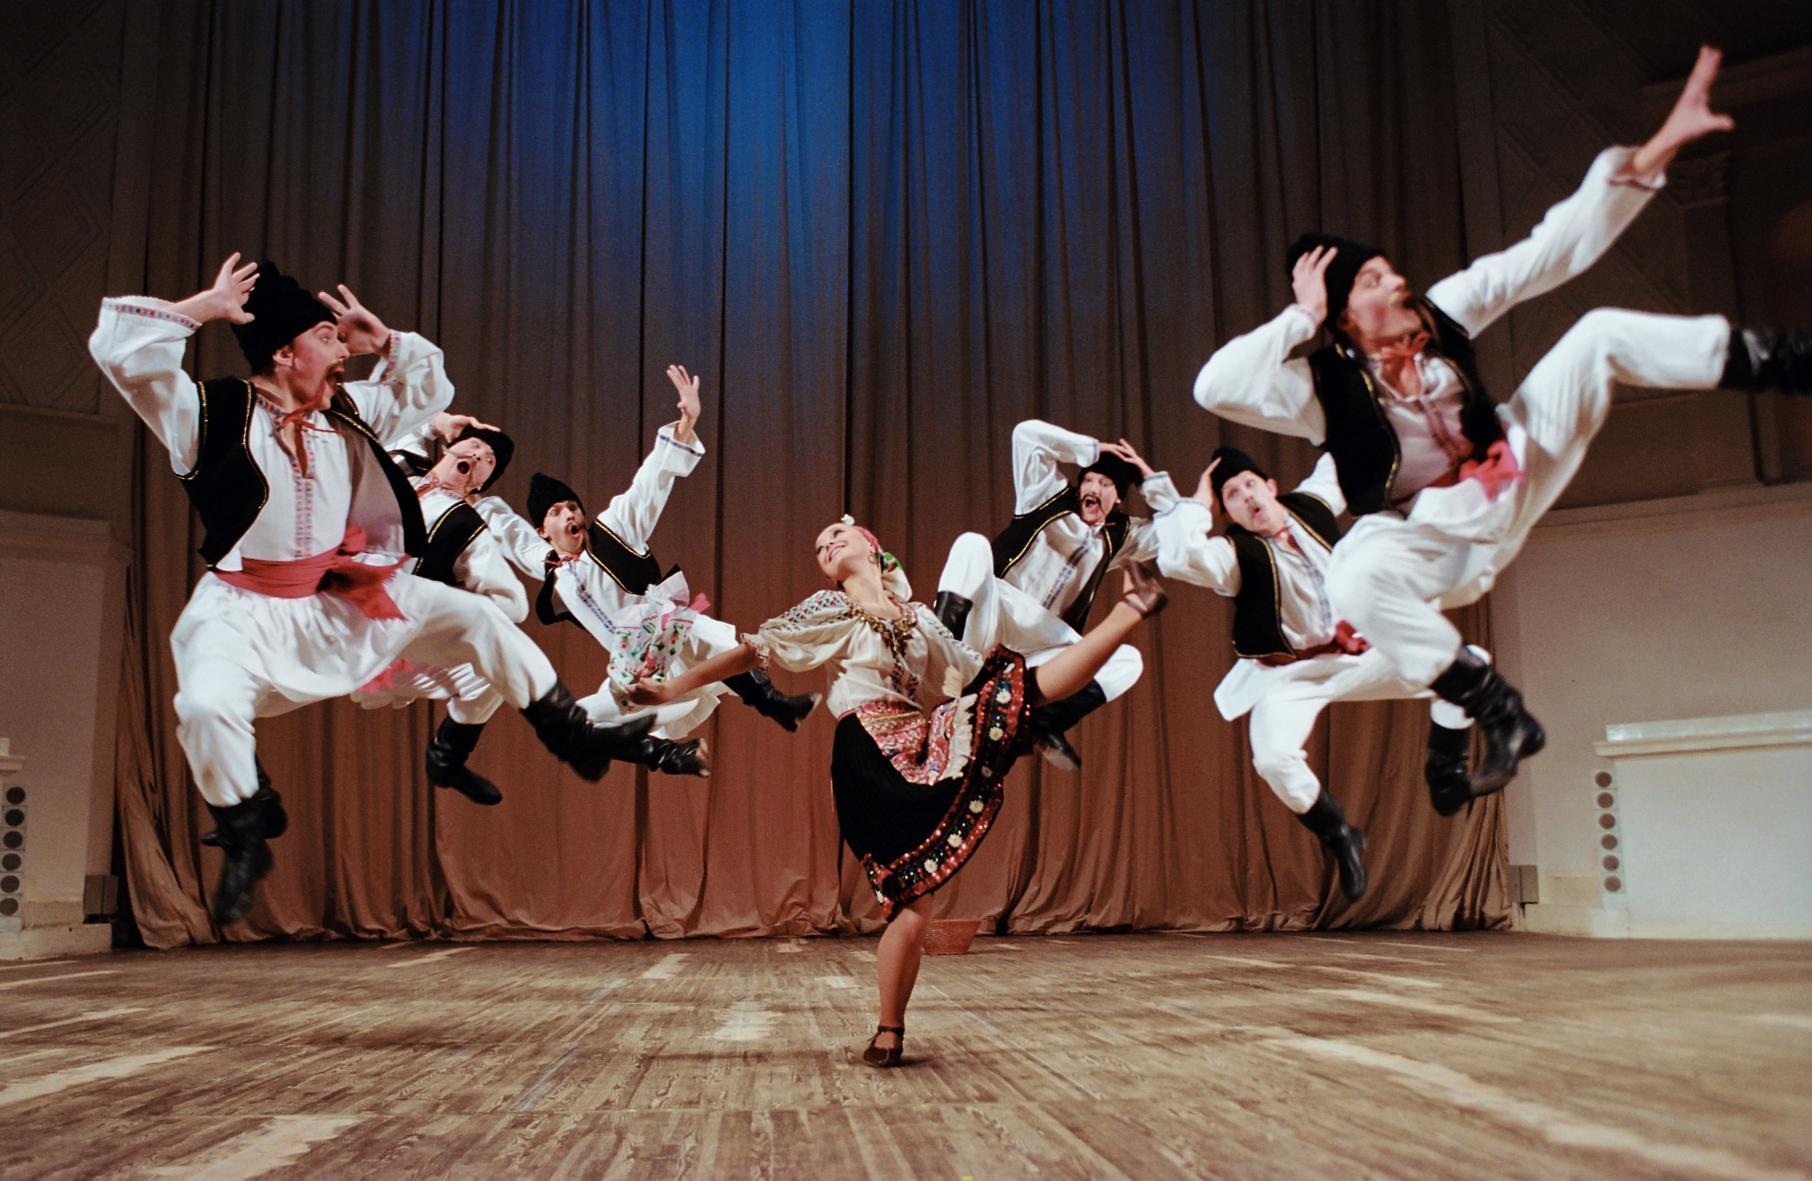 Scuola di danza - 5 6